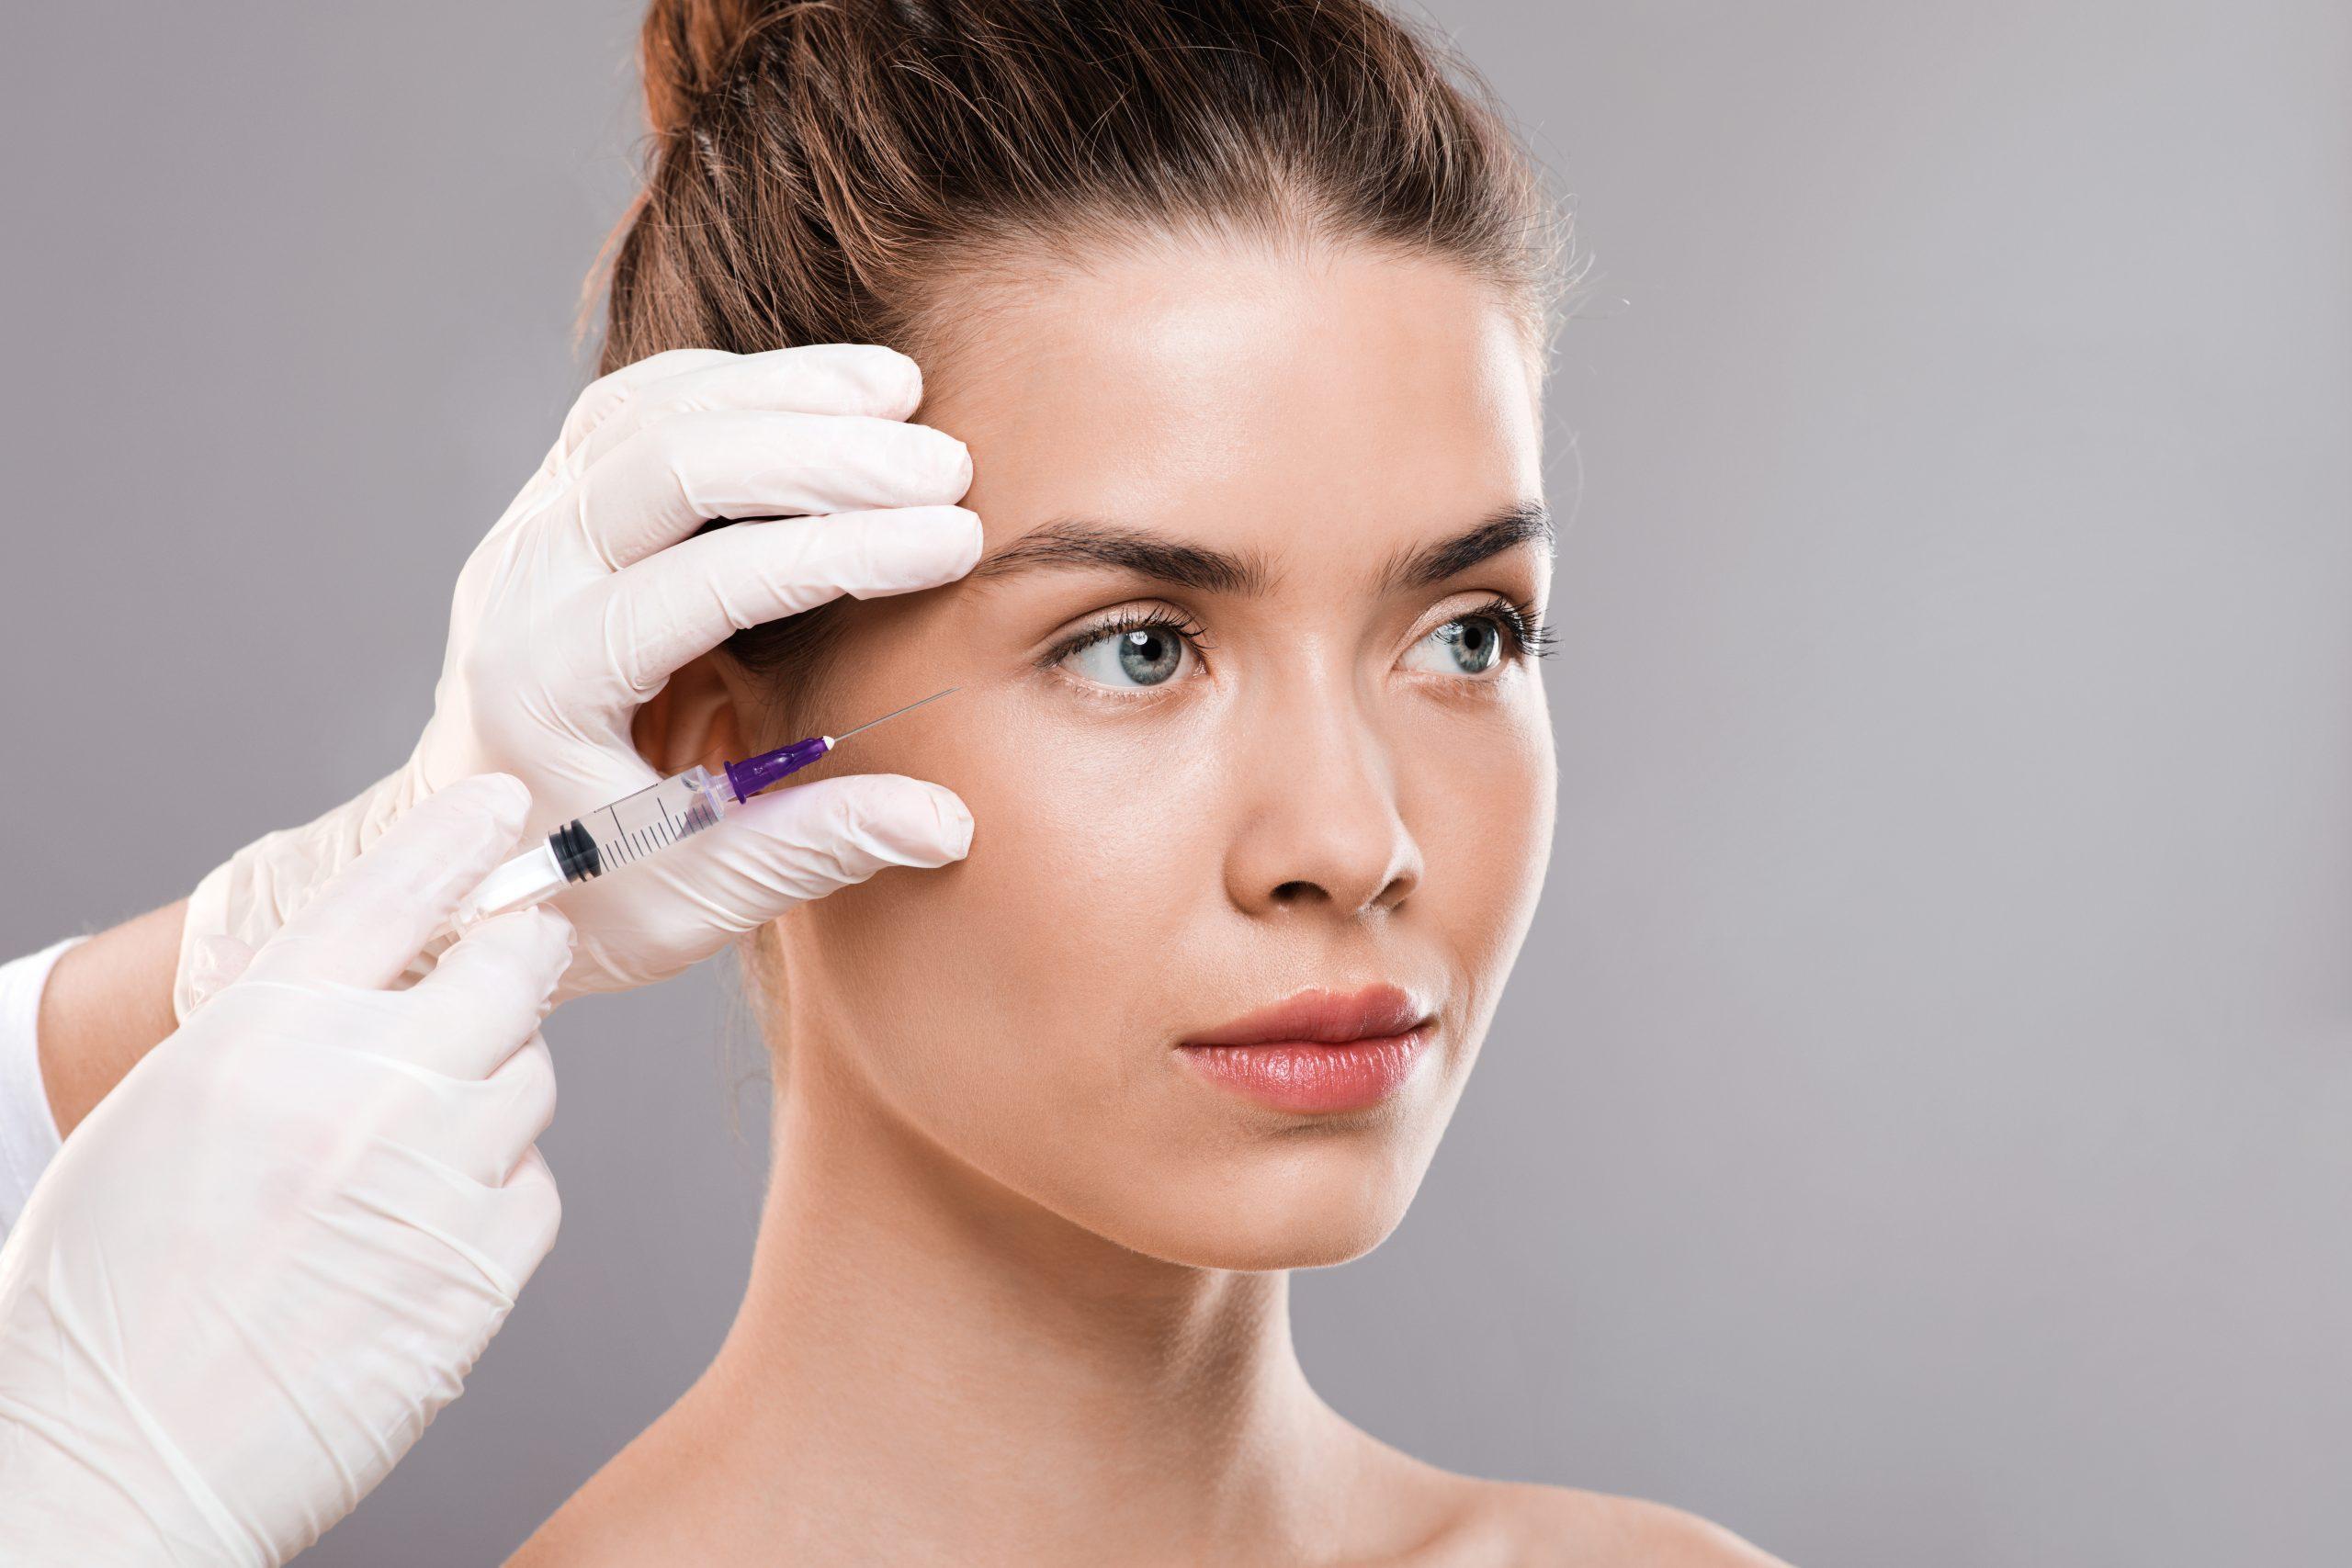 Mujer con tratamiento de ácido hialurónico para rejuvenecer la piel